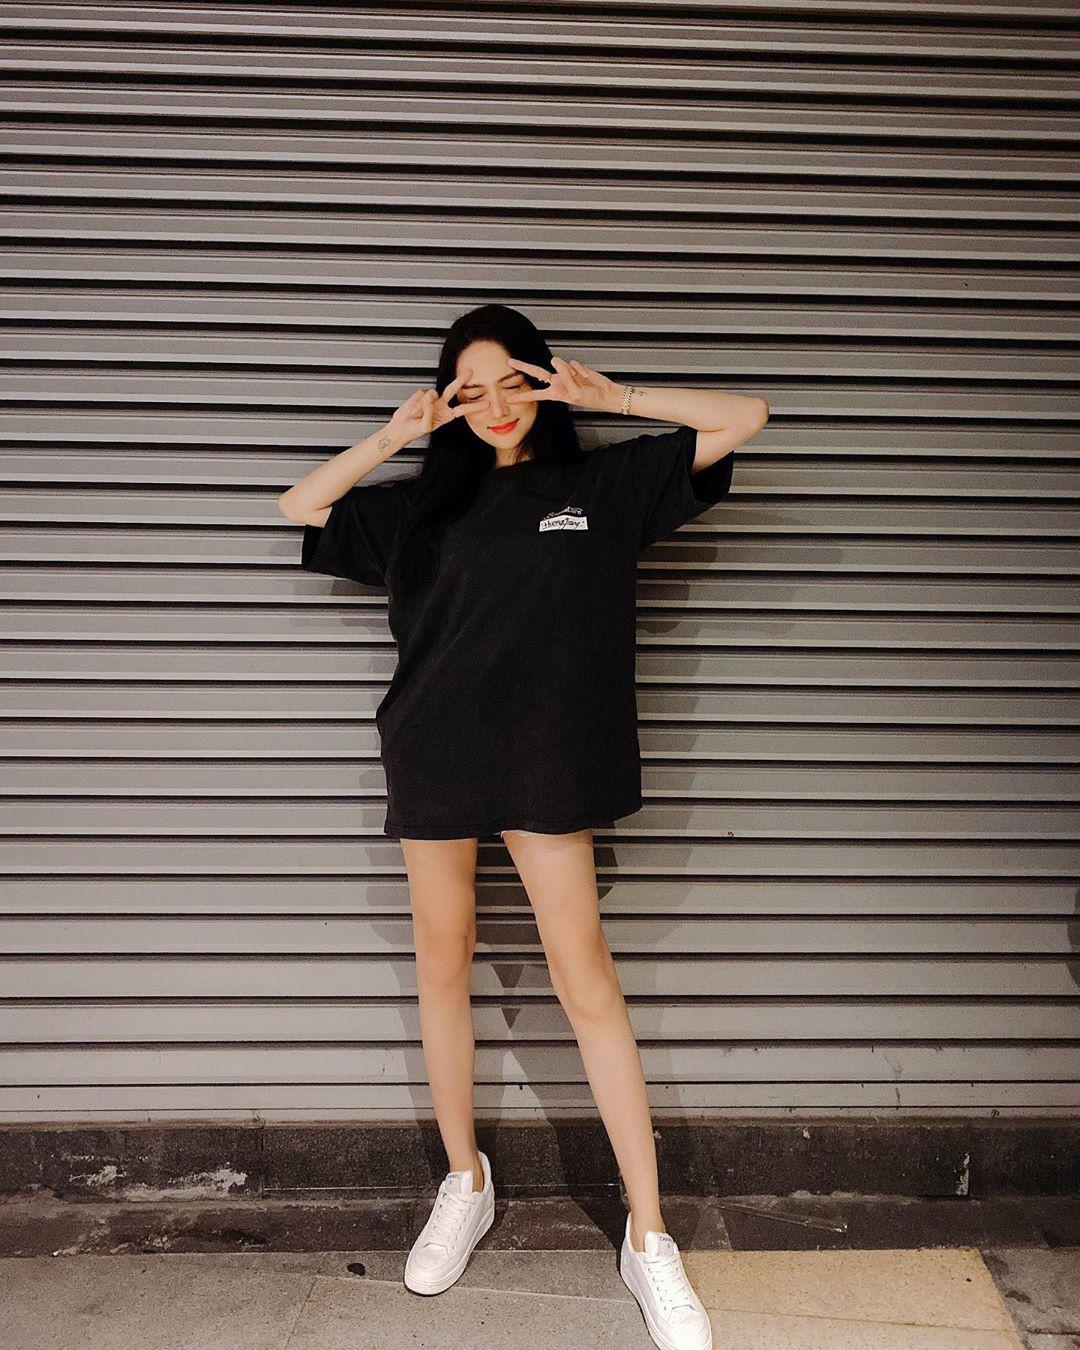 Instagram look xịn của sao Việt tuần qua: Ngọc Trinh lên đồ gợi cảm, cô em Chi Pu cũng bạo chẳng kém  - Ảnh 4.